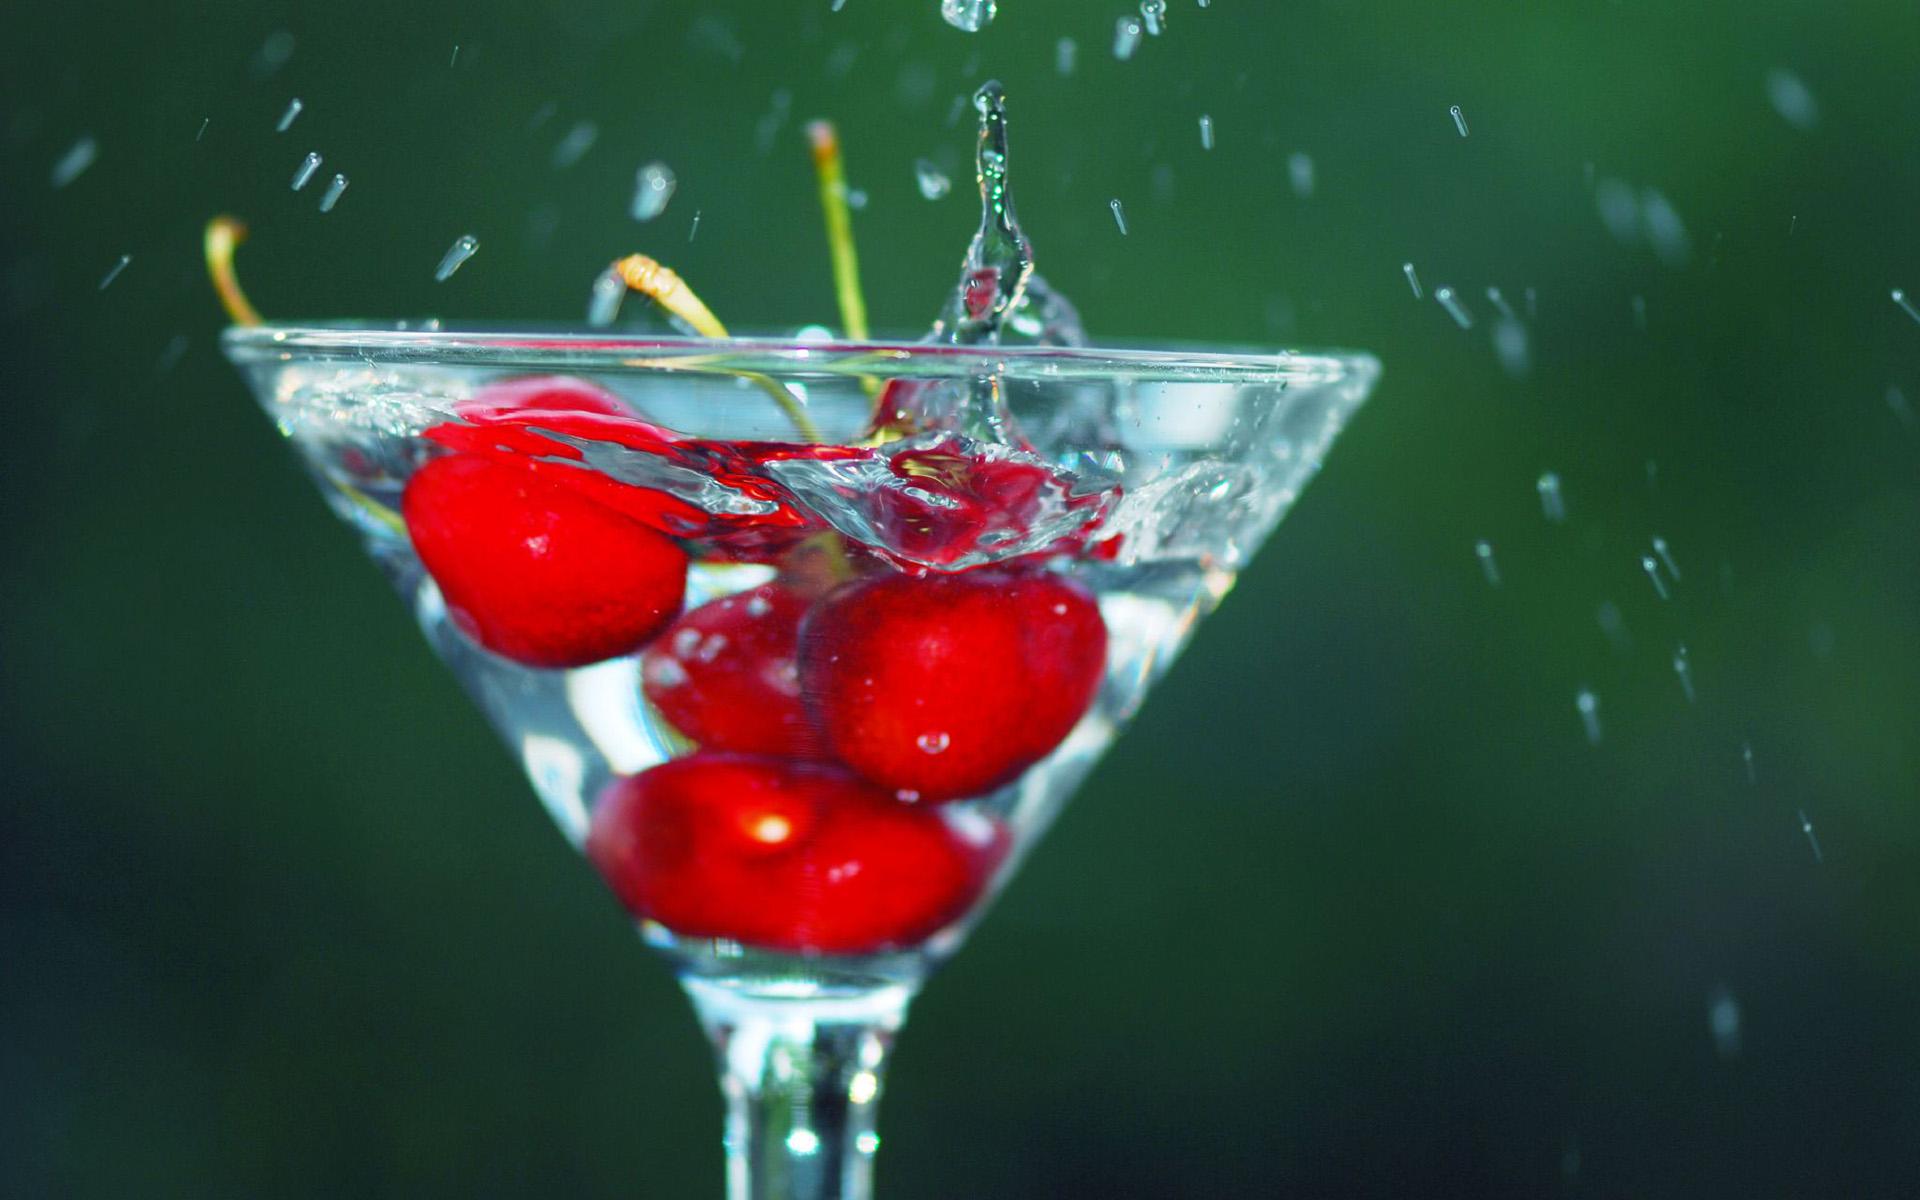 картинки вишня в брызгах воды они